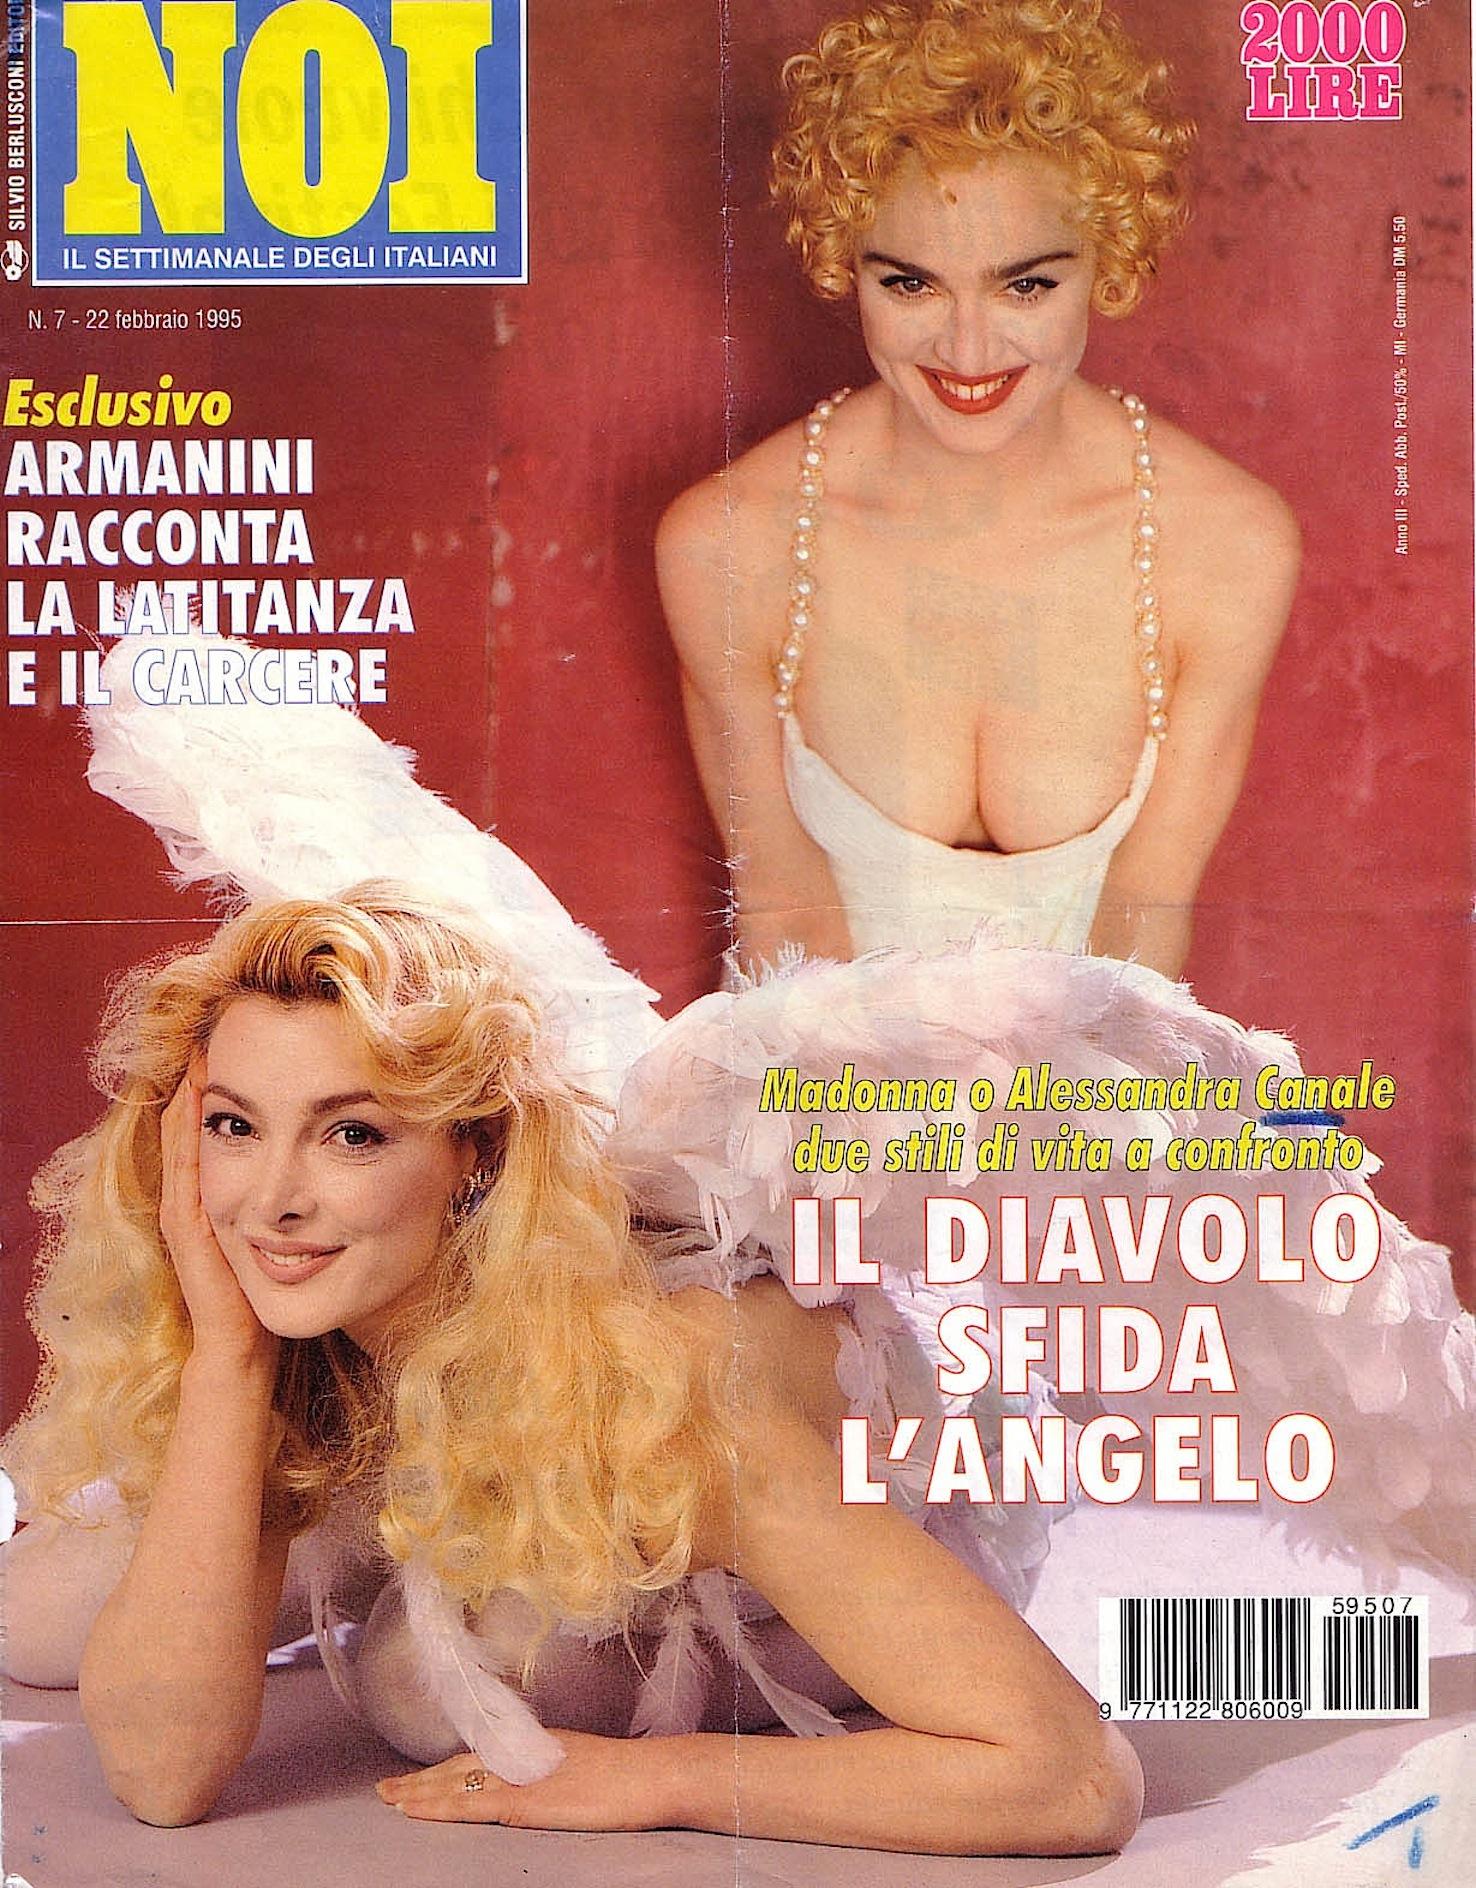 alessandra_canale_1995_copertina_noi